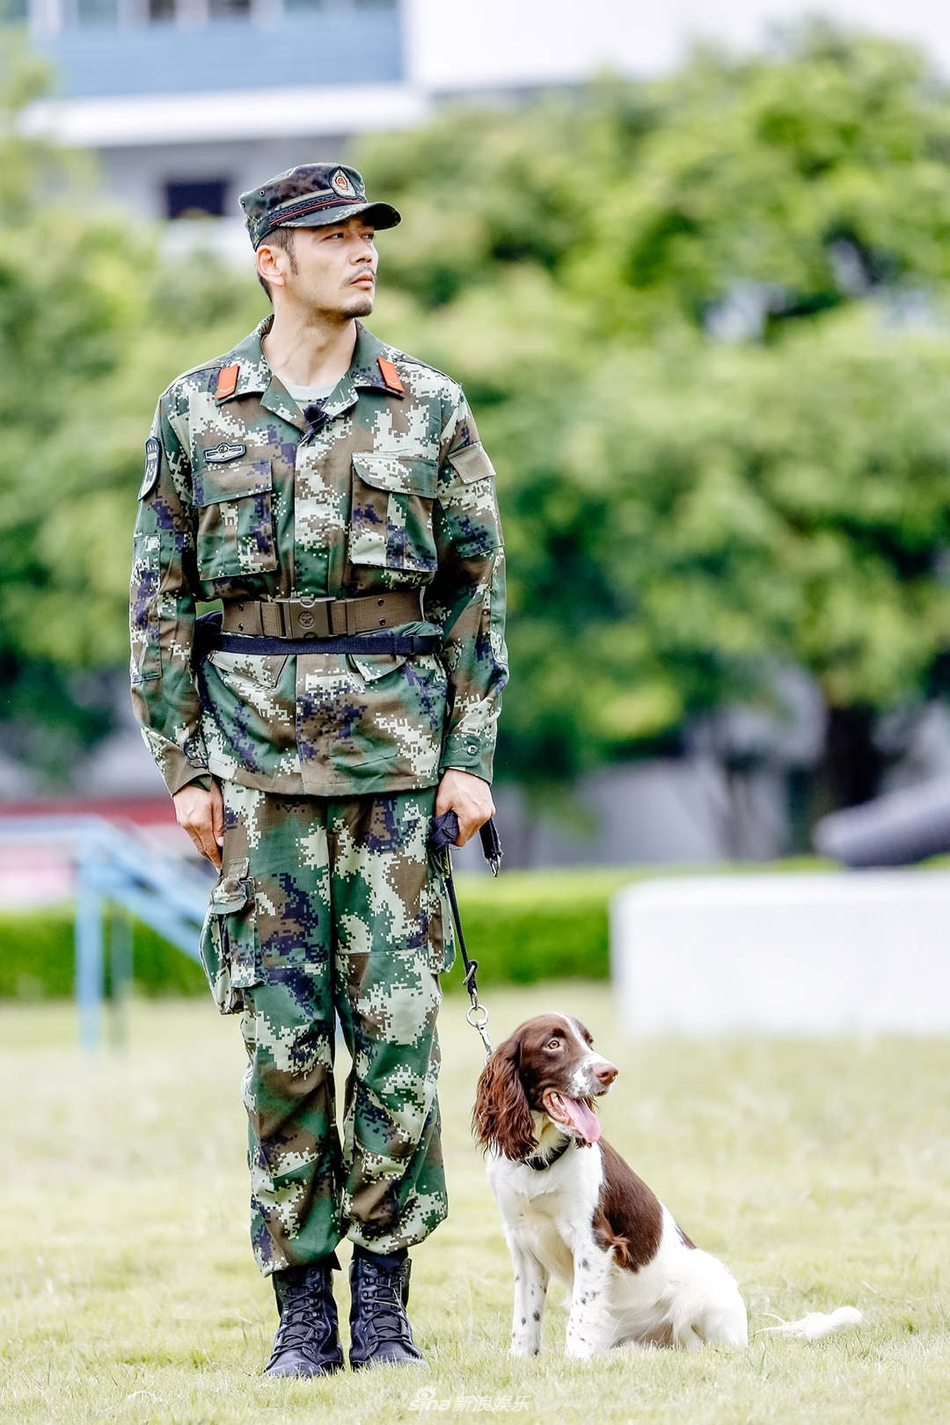 组图 训犬员上线 杨烁穿军装与警犬高能互动 实力展现军人风采